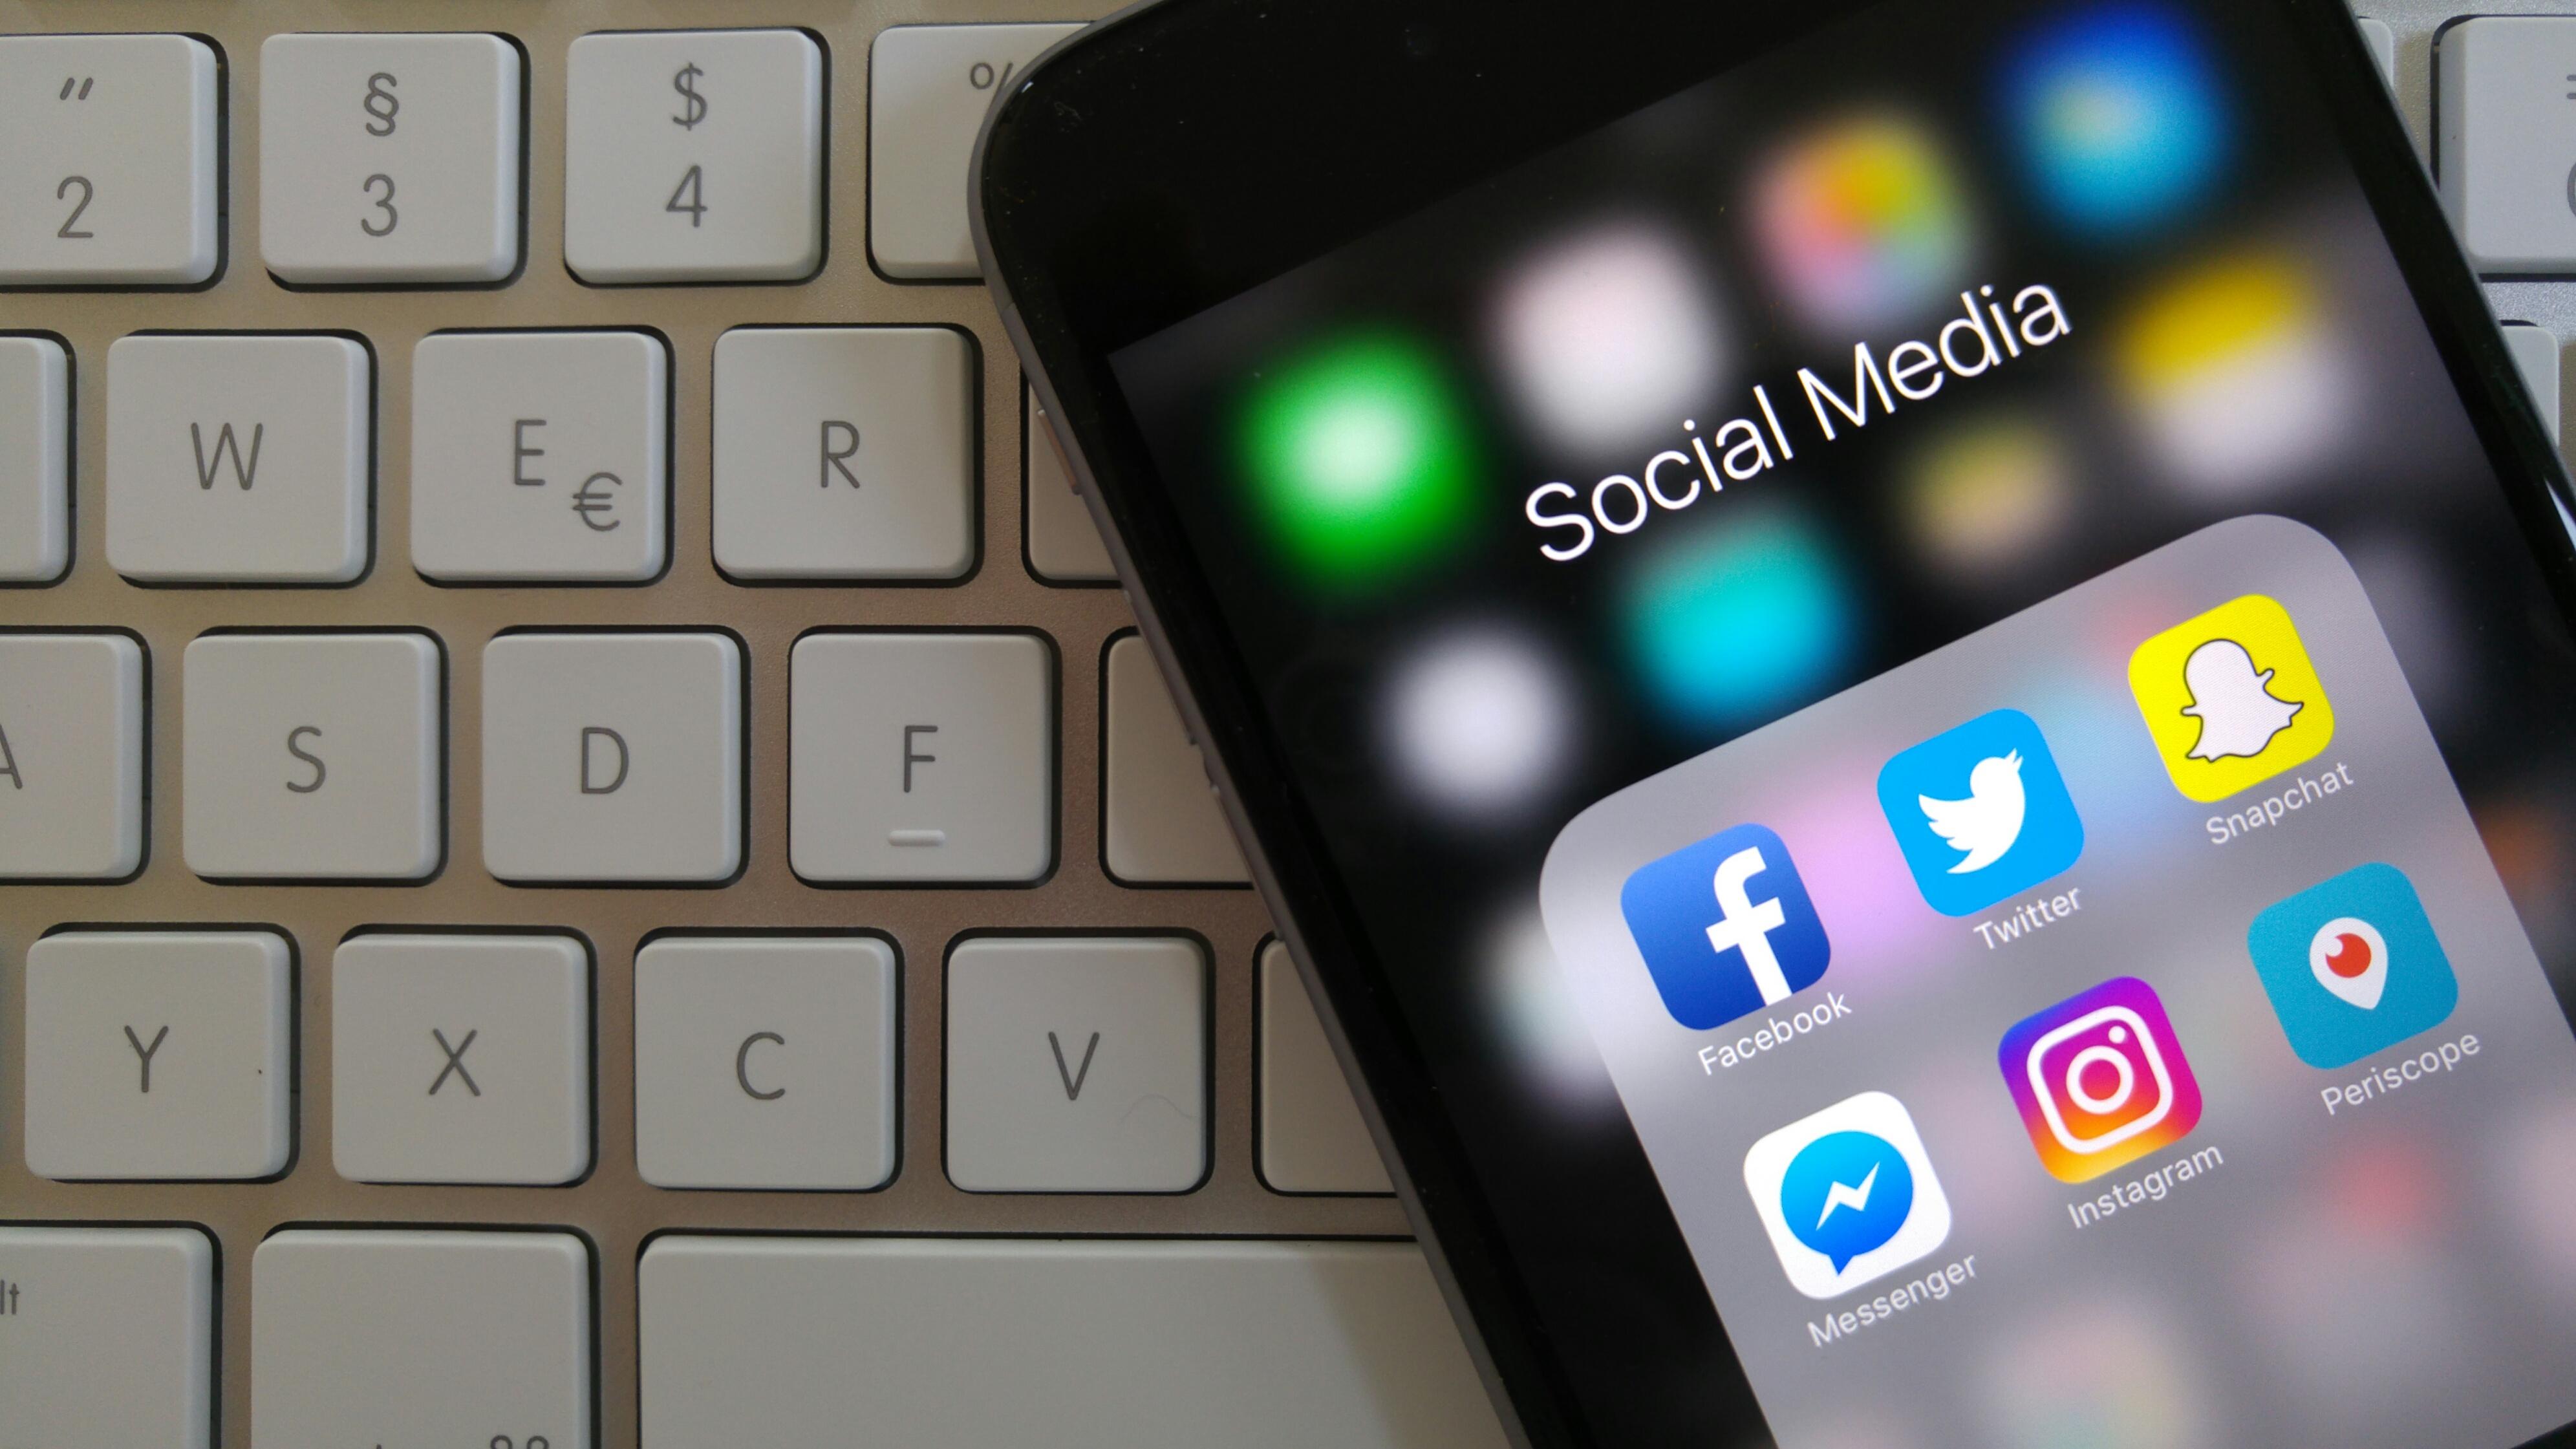 Bernhard Lill bloggt als dermedientyp über mobile journalism.